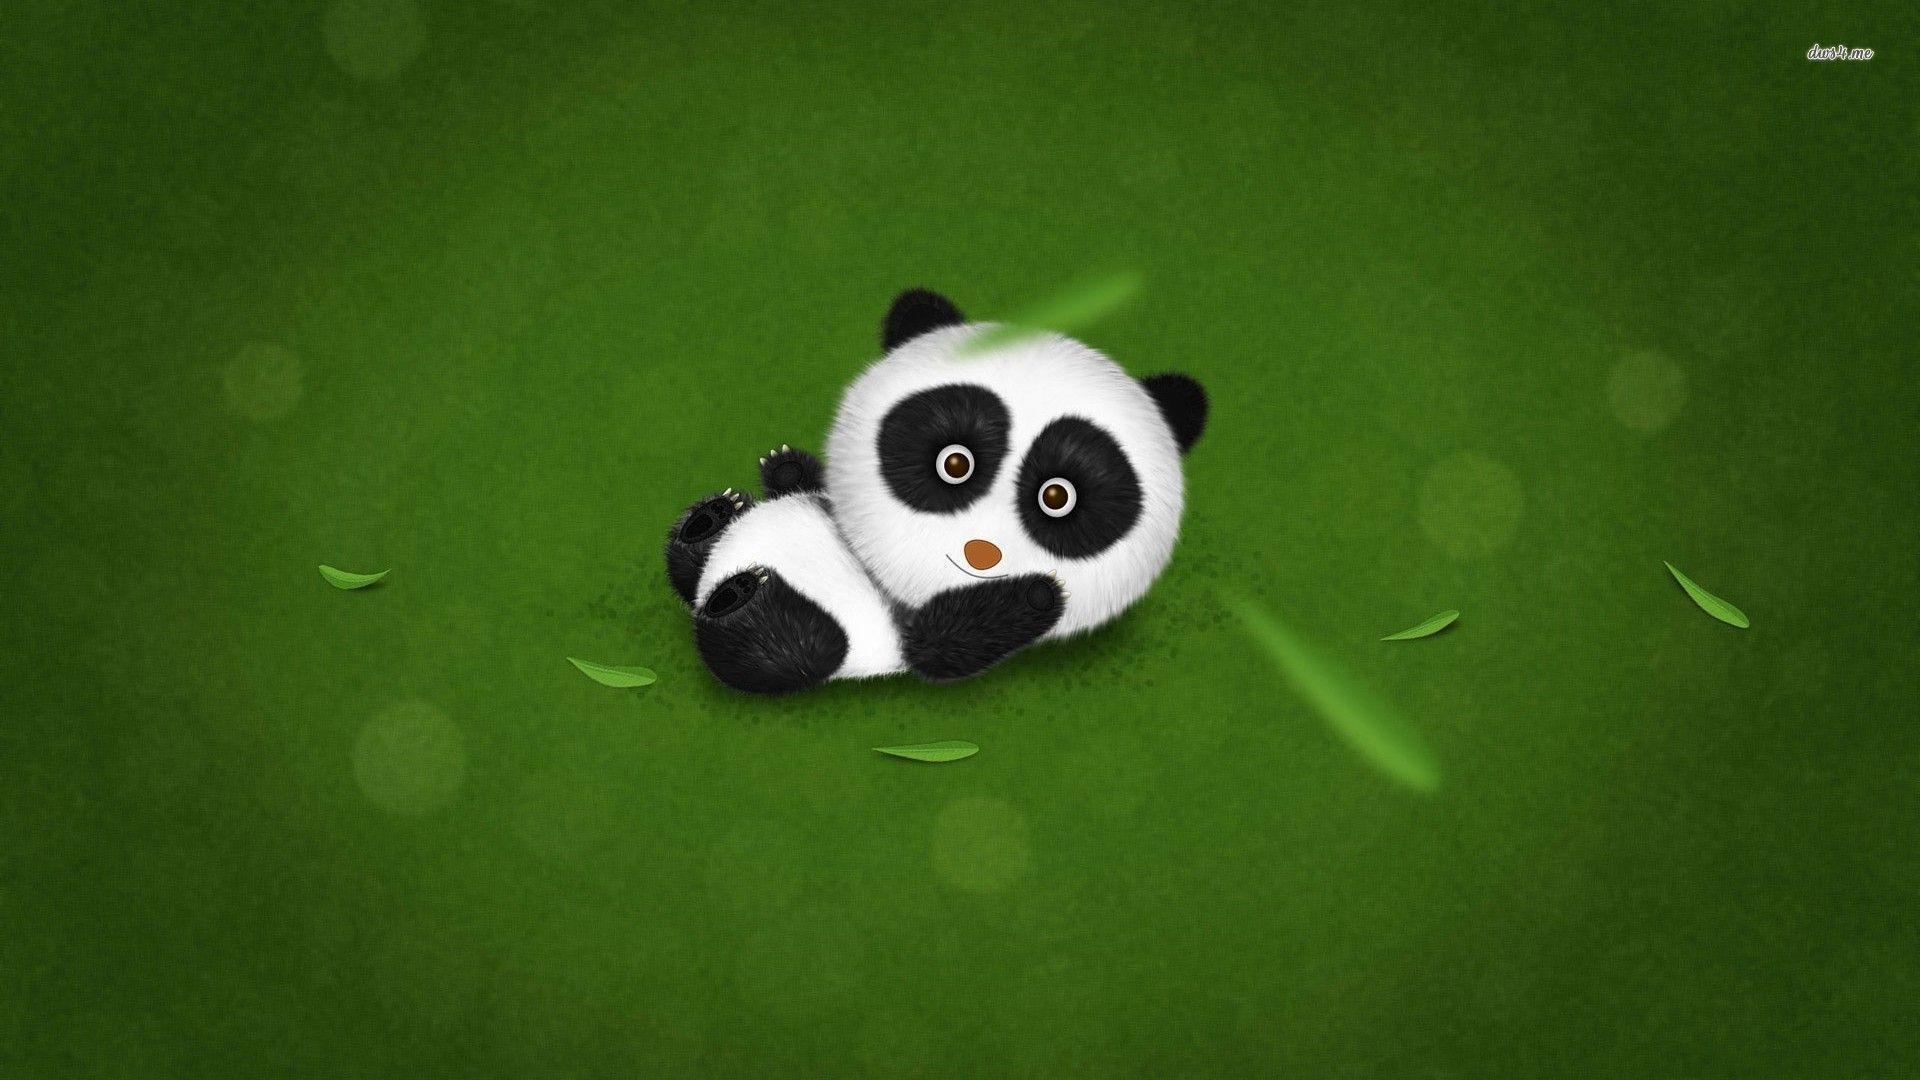 Cute Baby Panda Wallpaper 65 Images